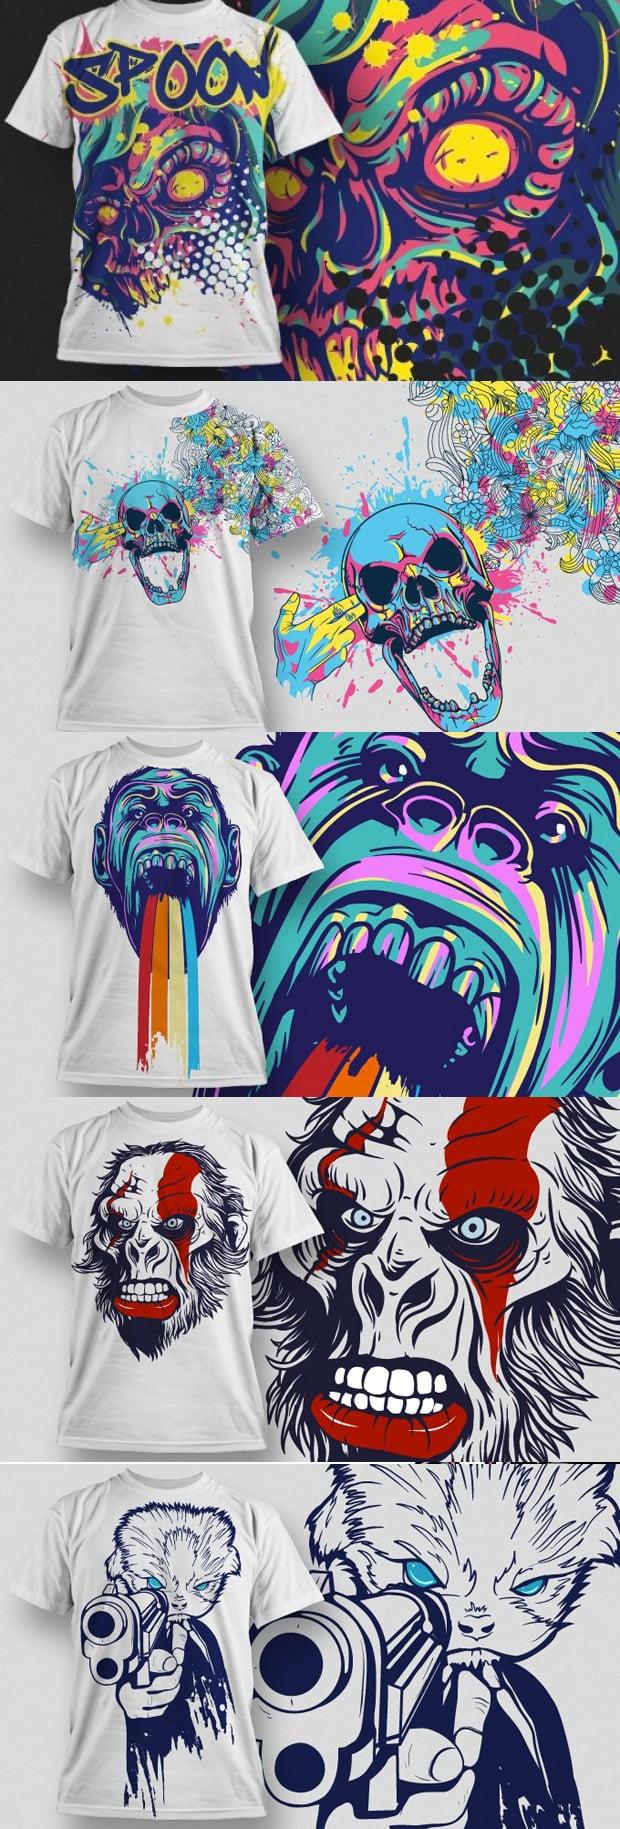 T-shirt Designs Bundle: 50 Awesome T-shirt Vectors